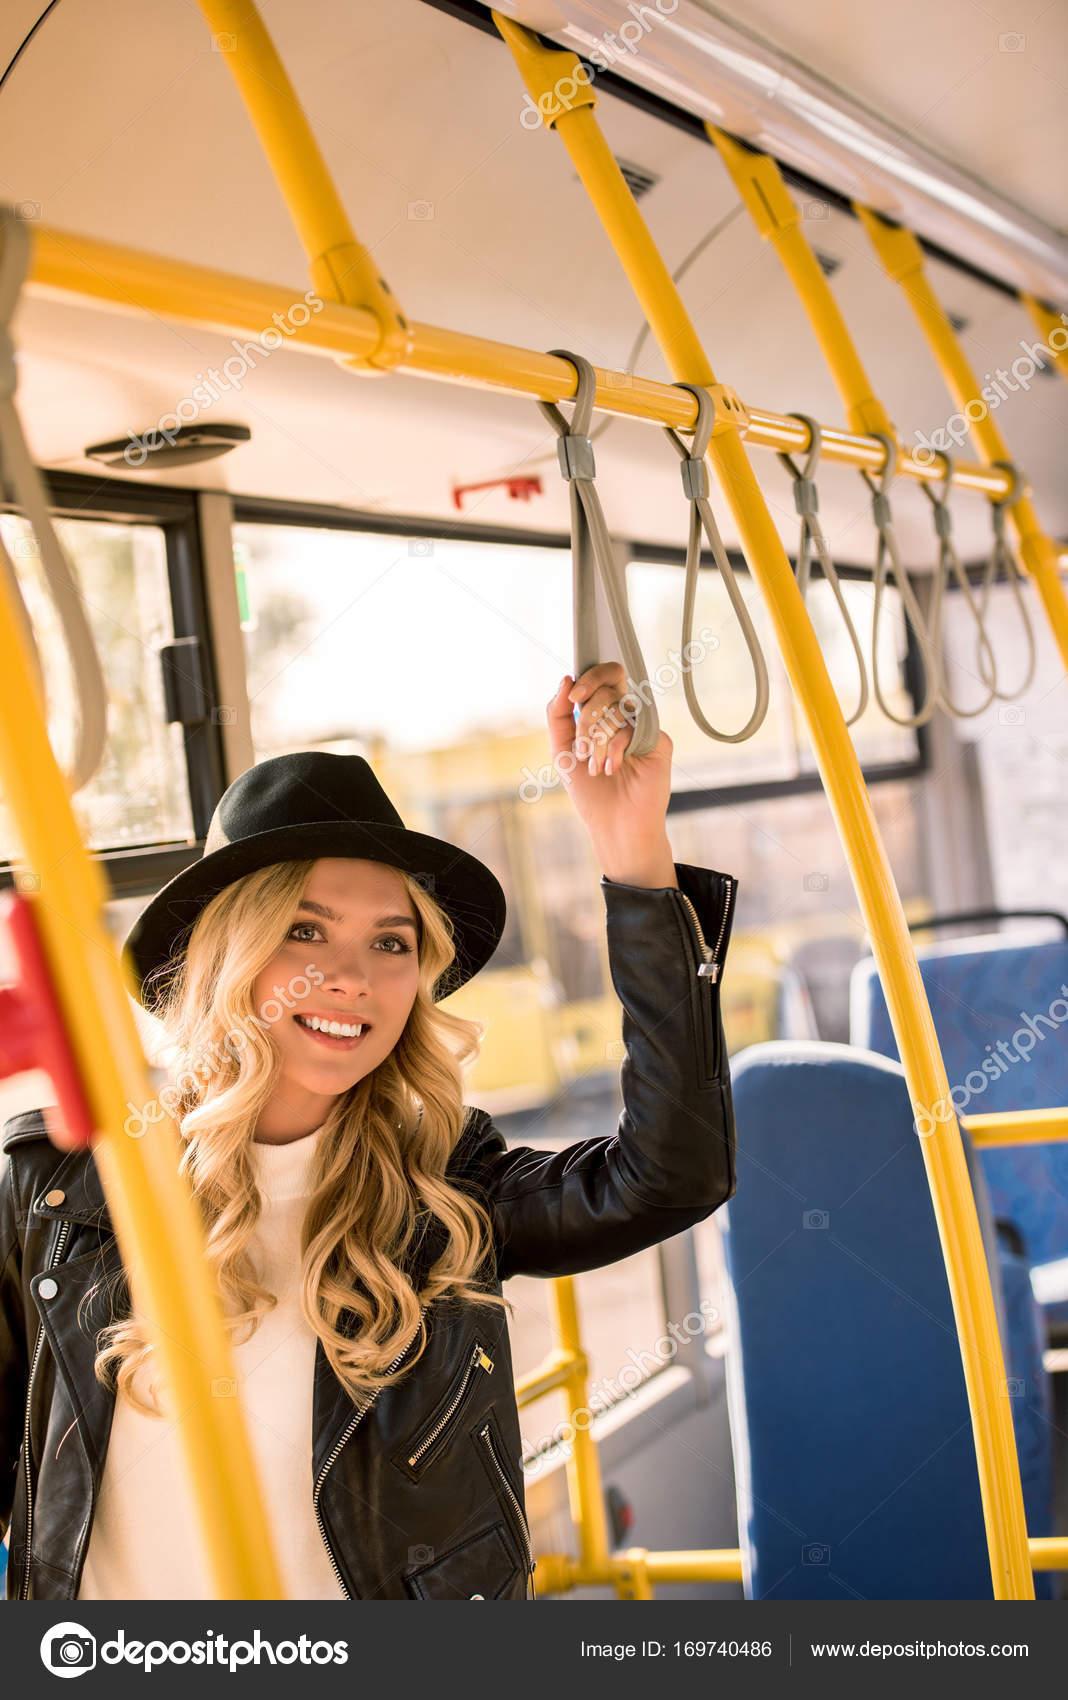 lesbiyskoe-porno-fotka-v-avtobuse-s-blondinkoy-bluzku-viden